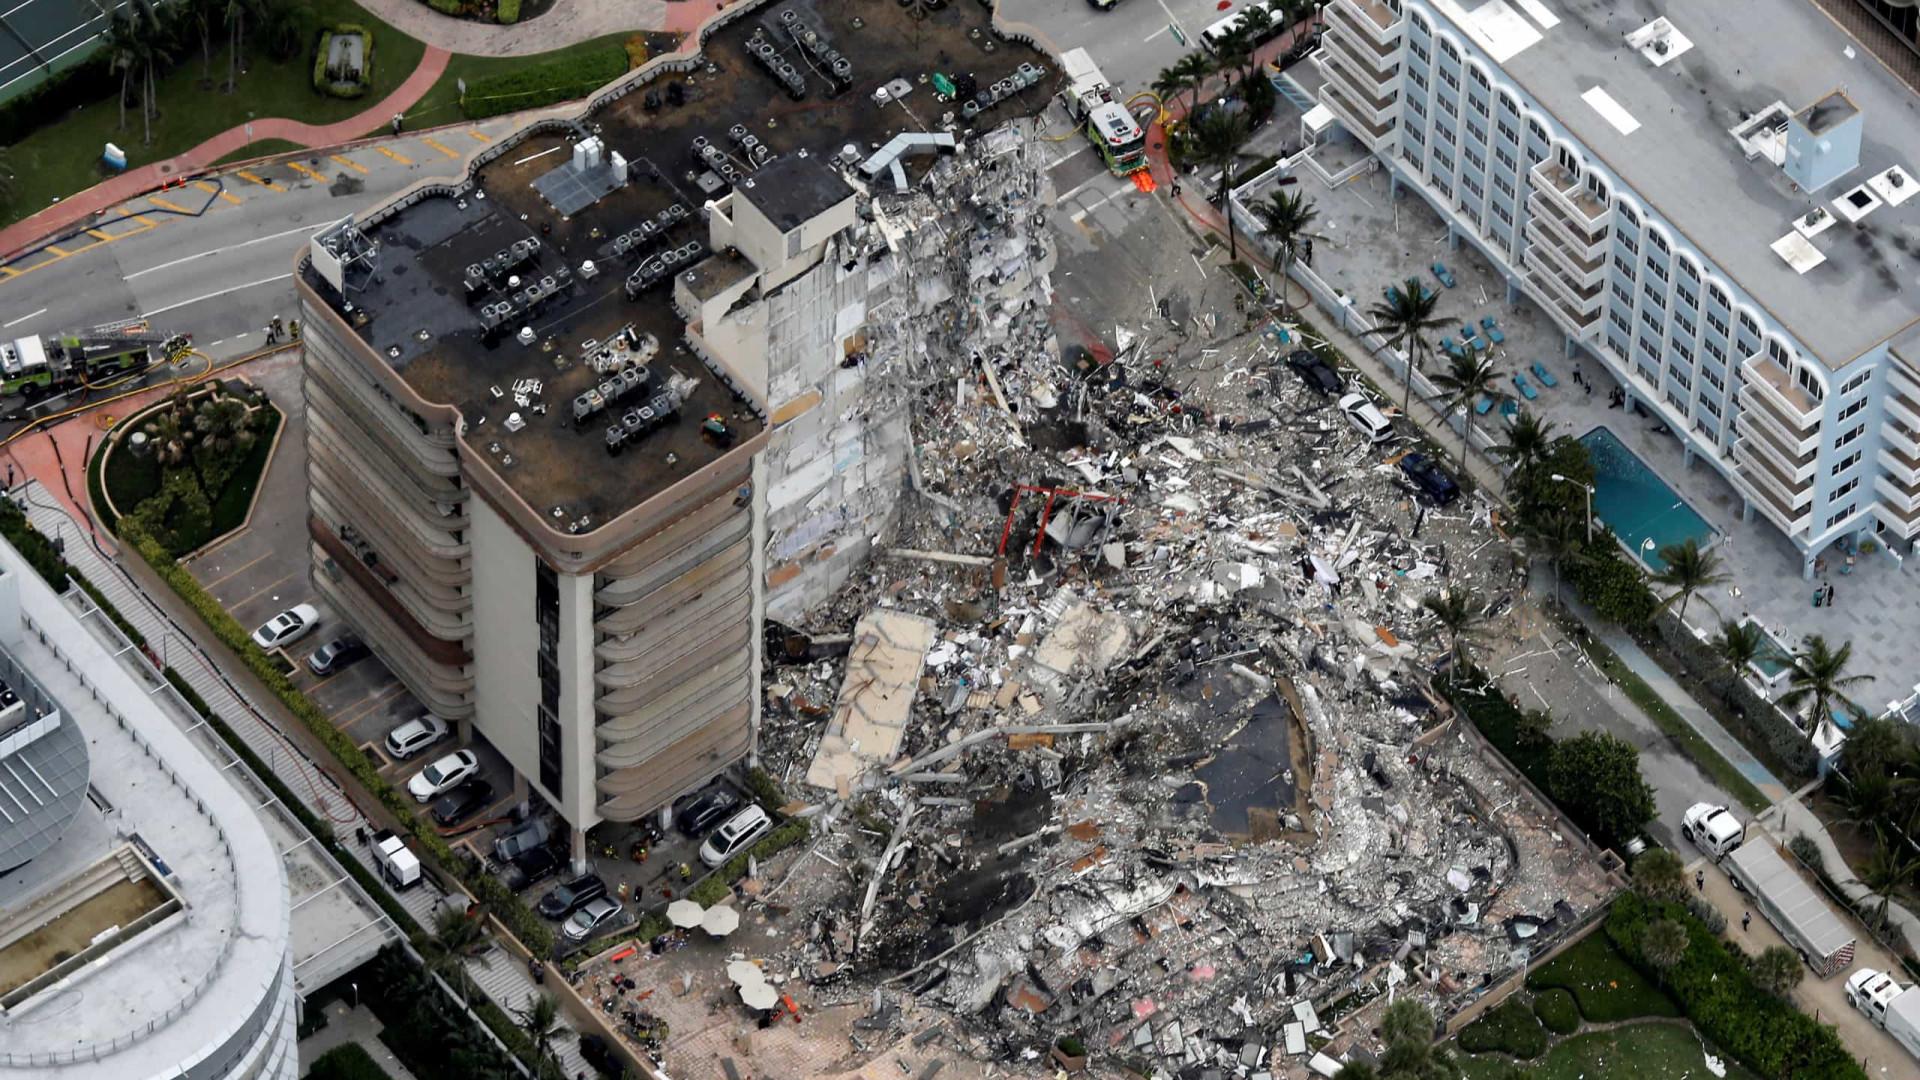 Buscas continuam após colapso de prédio em Miami. Há 99 desaparecidos